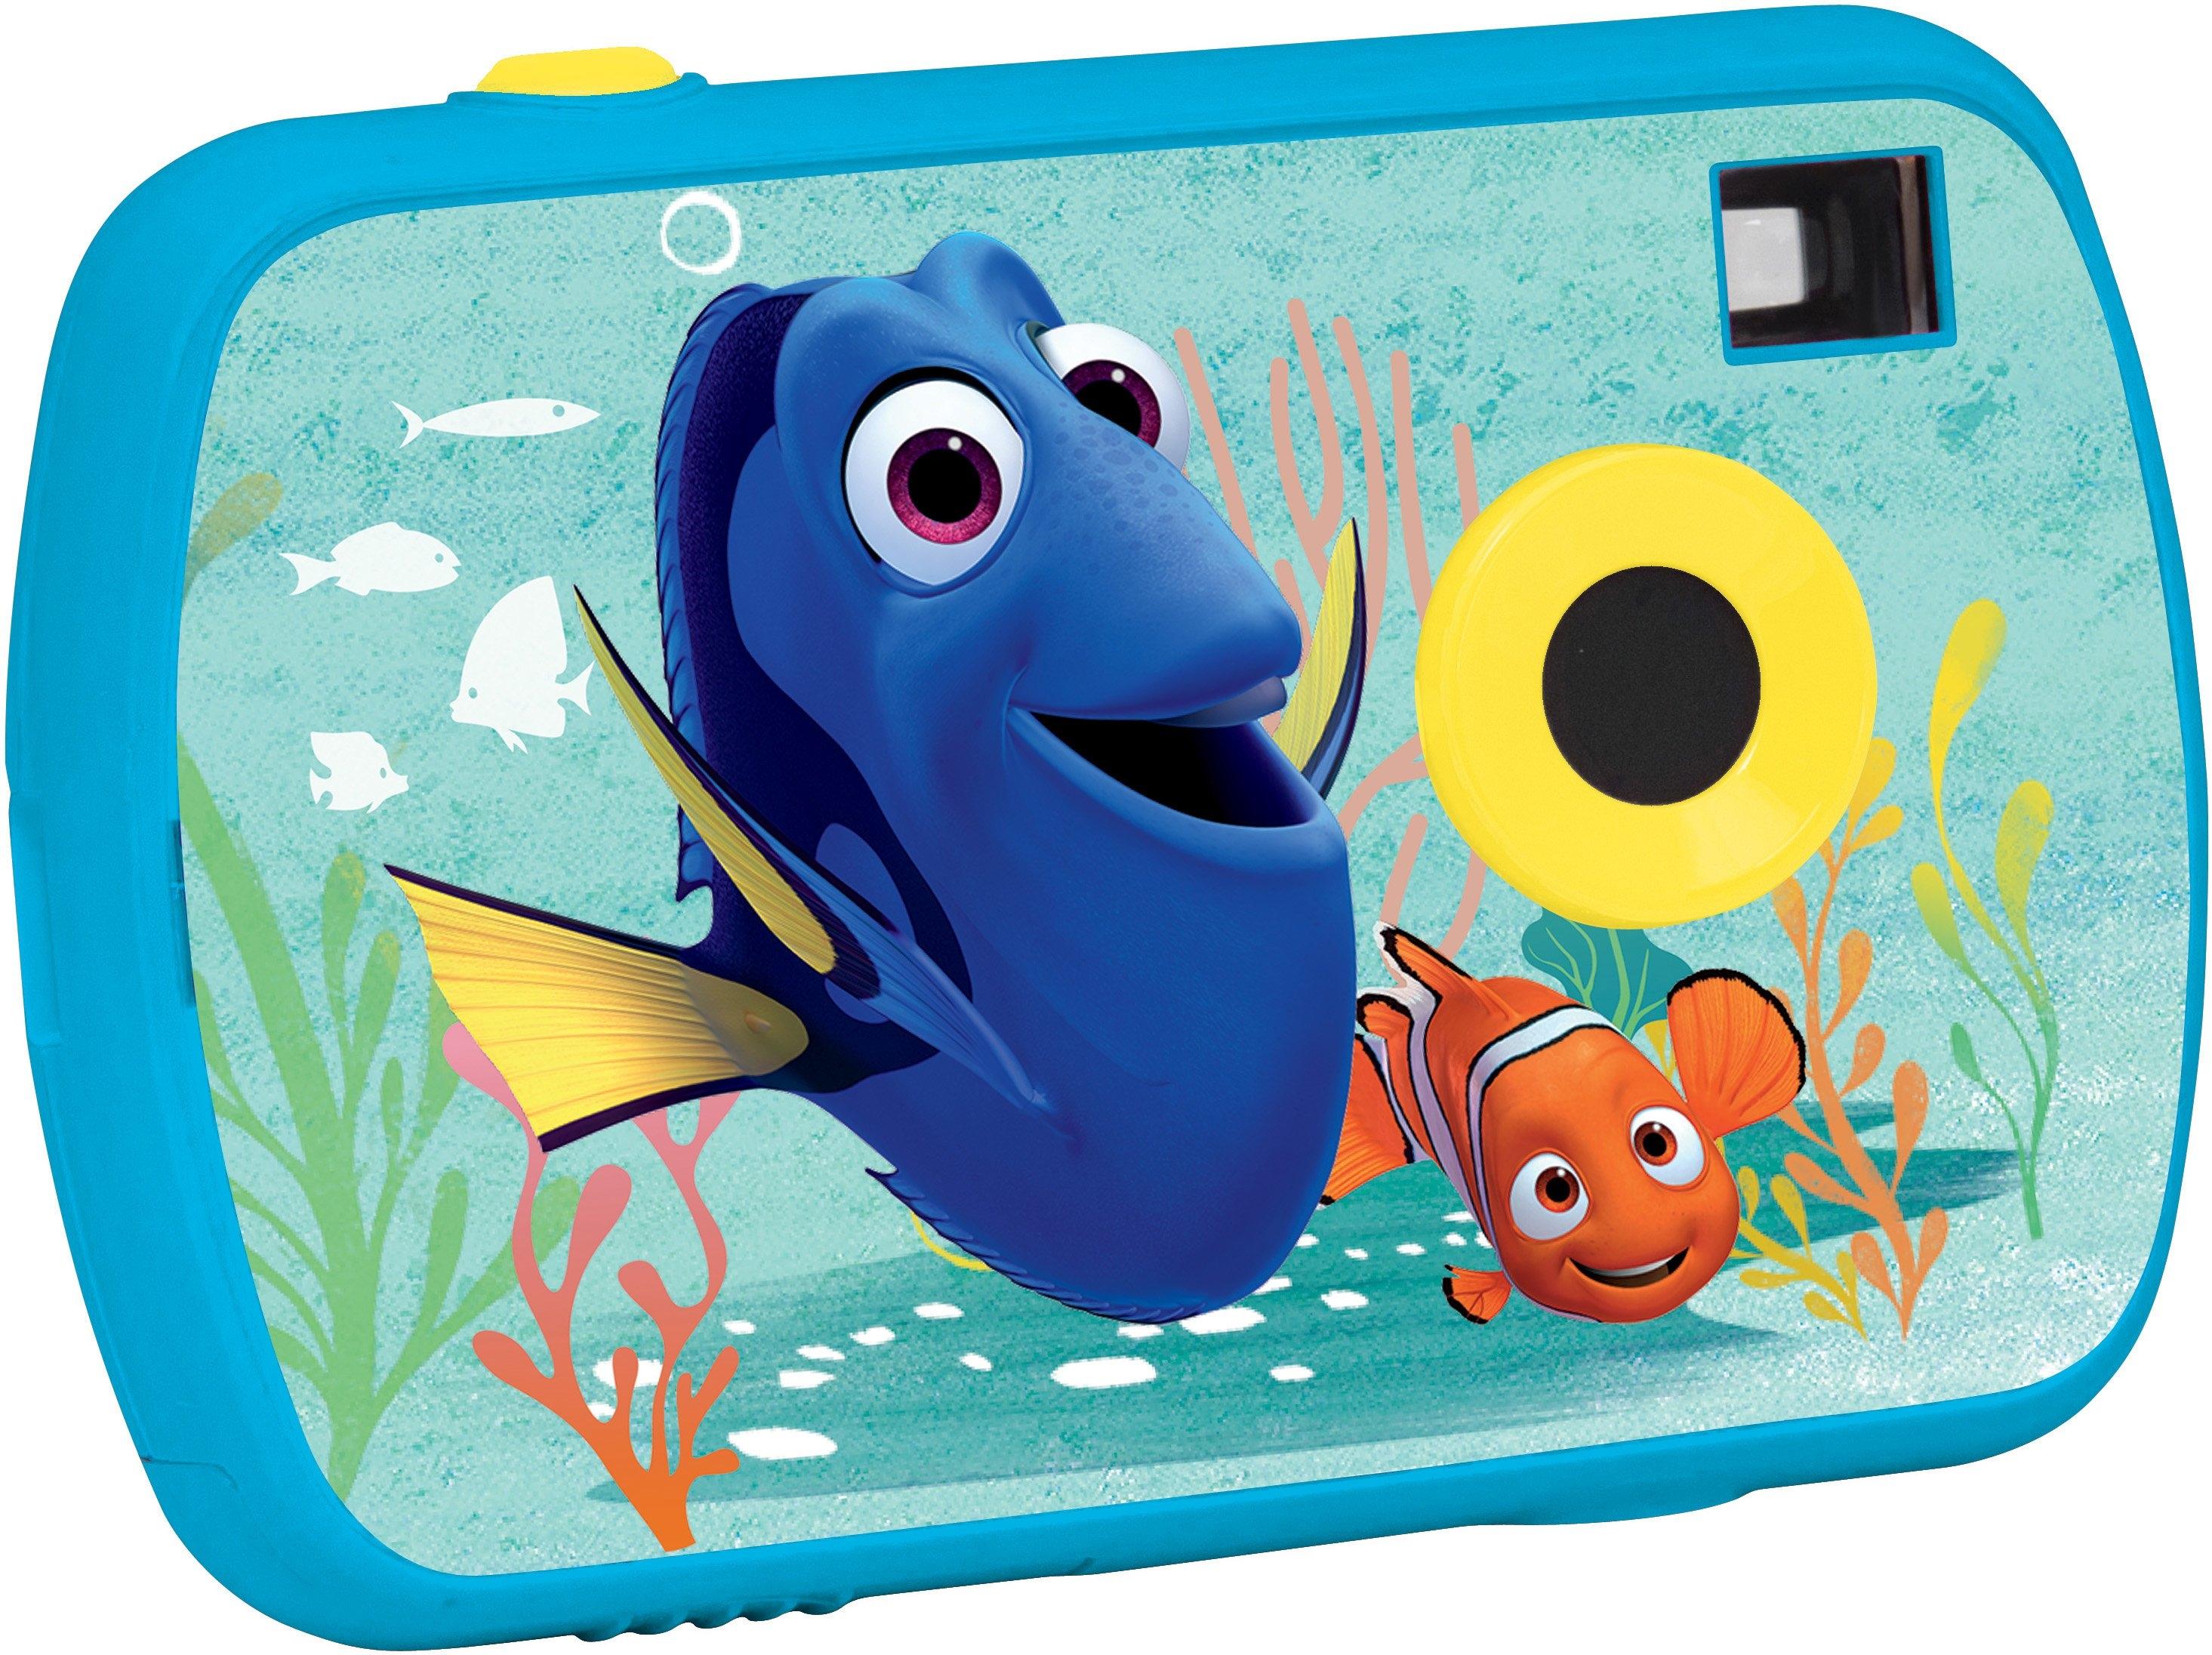 Lexibook digitale camera met videofunctie, »DISNEY Pixar, Finding Dory« bestellen: 14 dagen bedenktijd